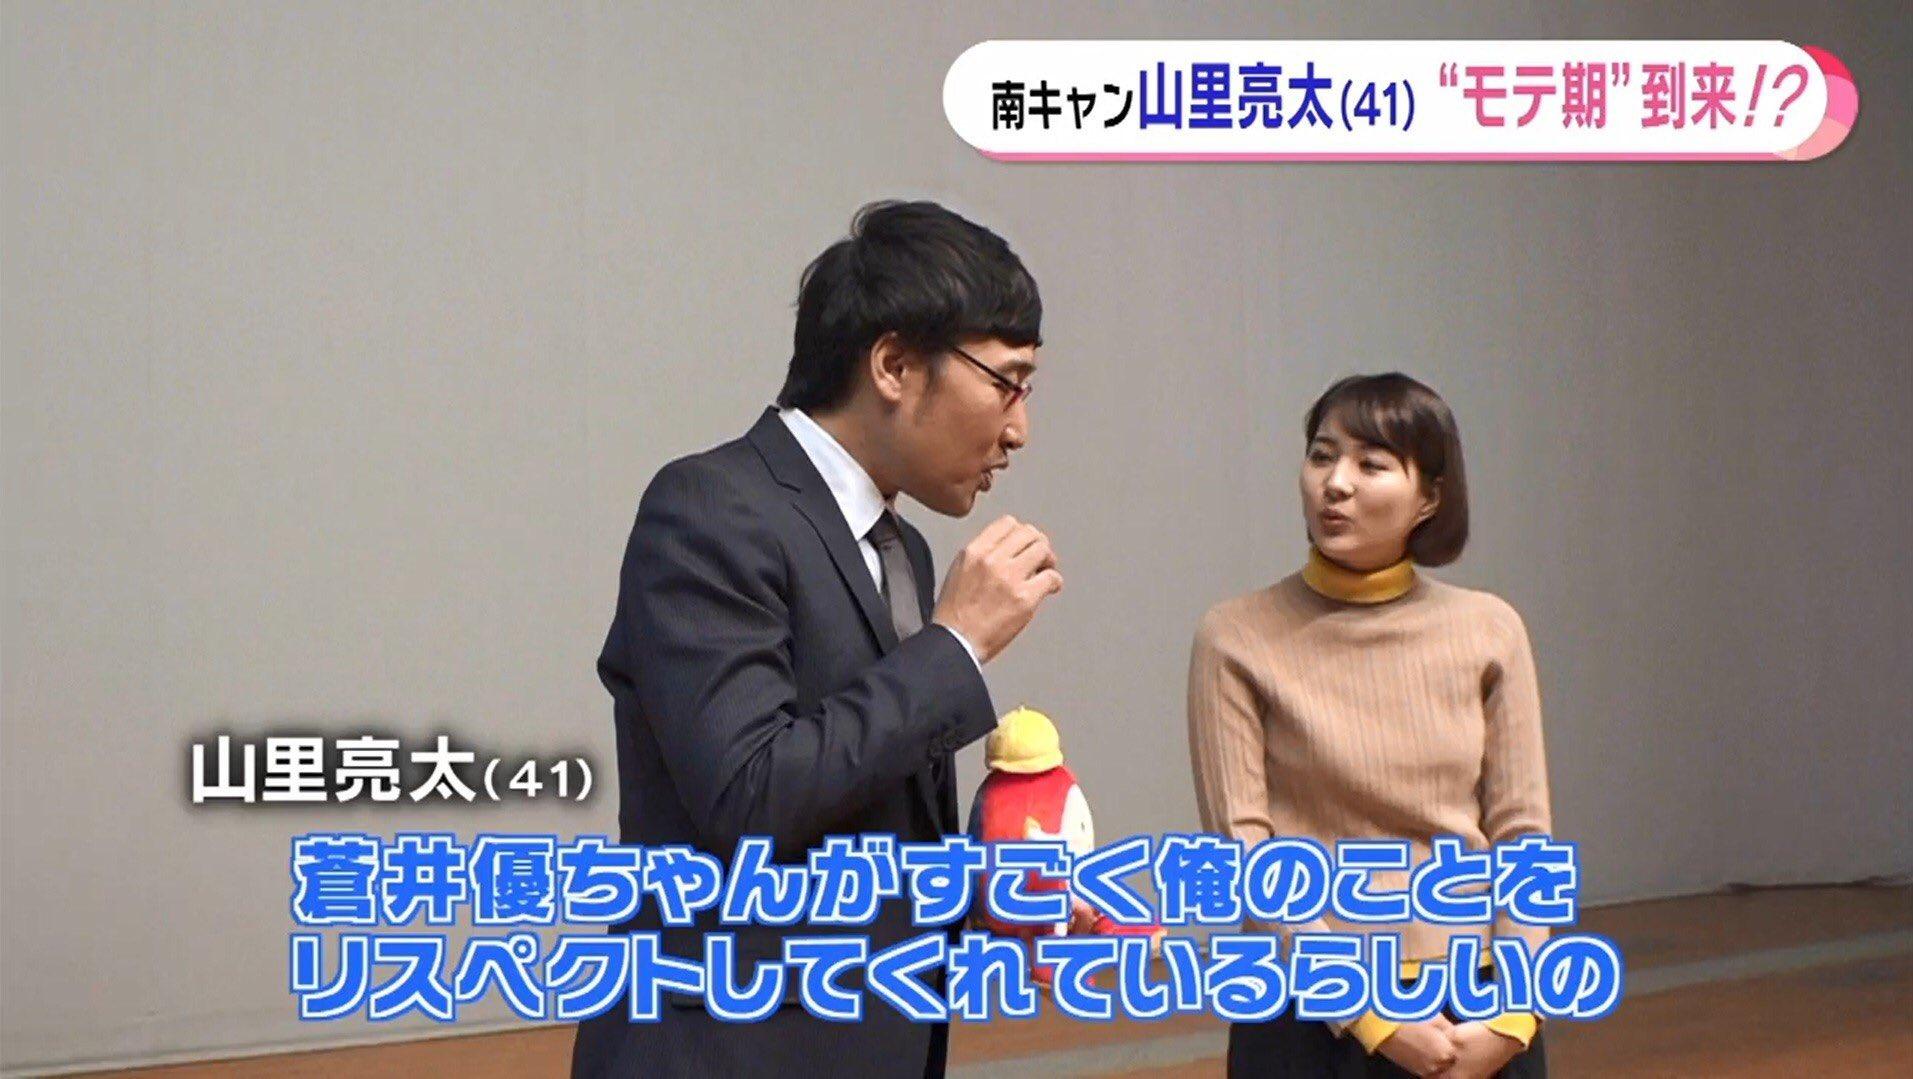 【祝結婚】南キャン山ちゃん、自分の結婚を予言していた!